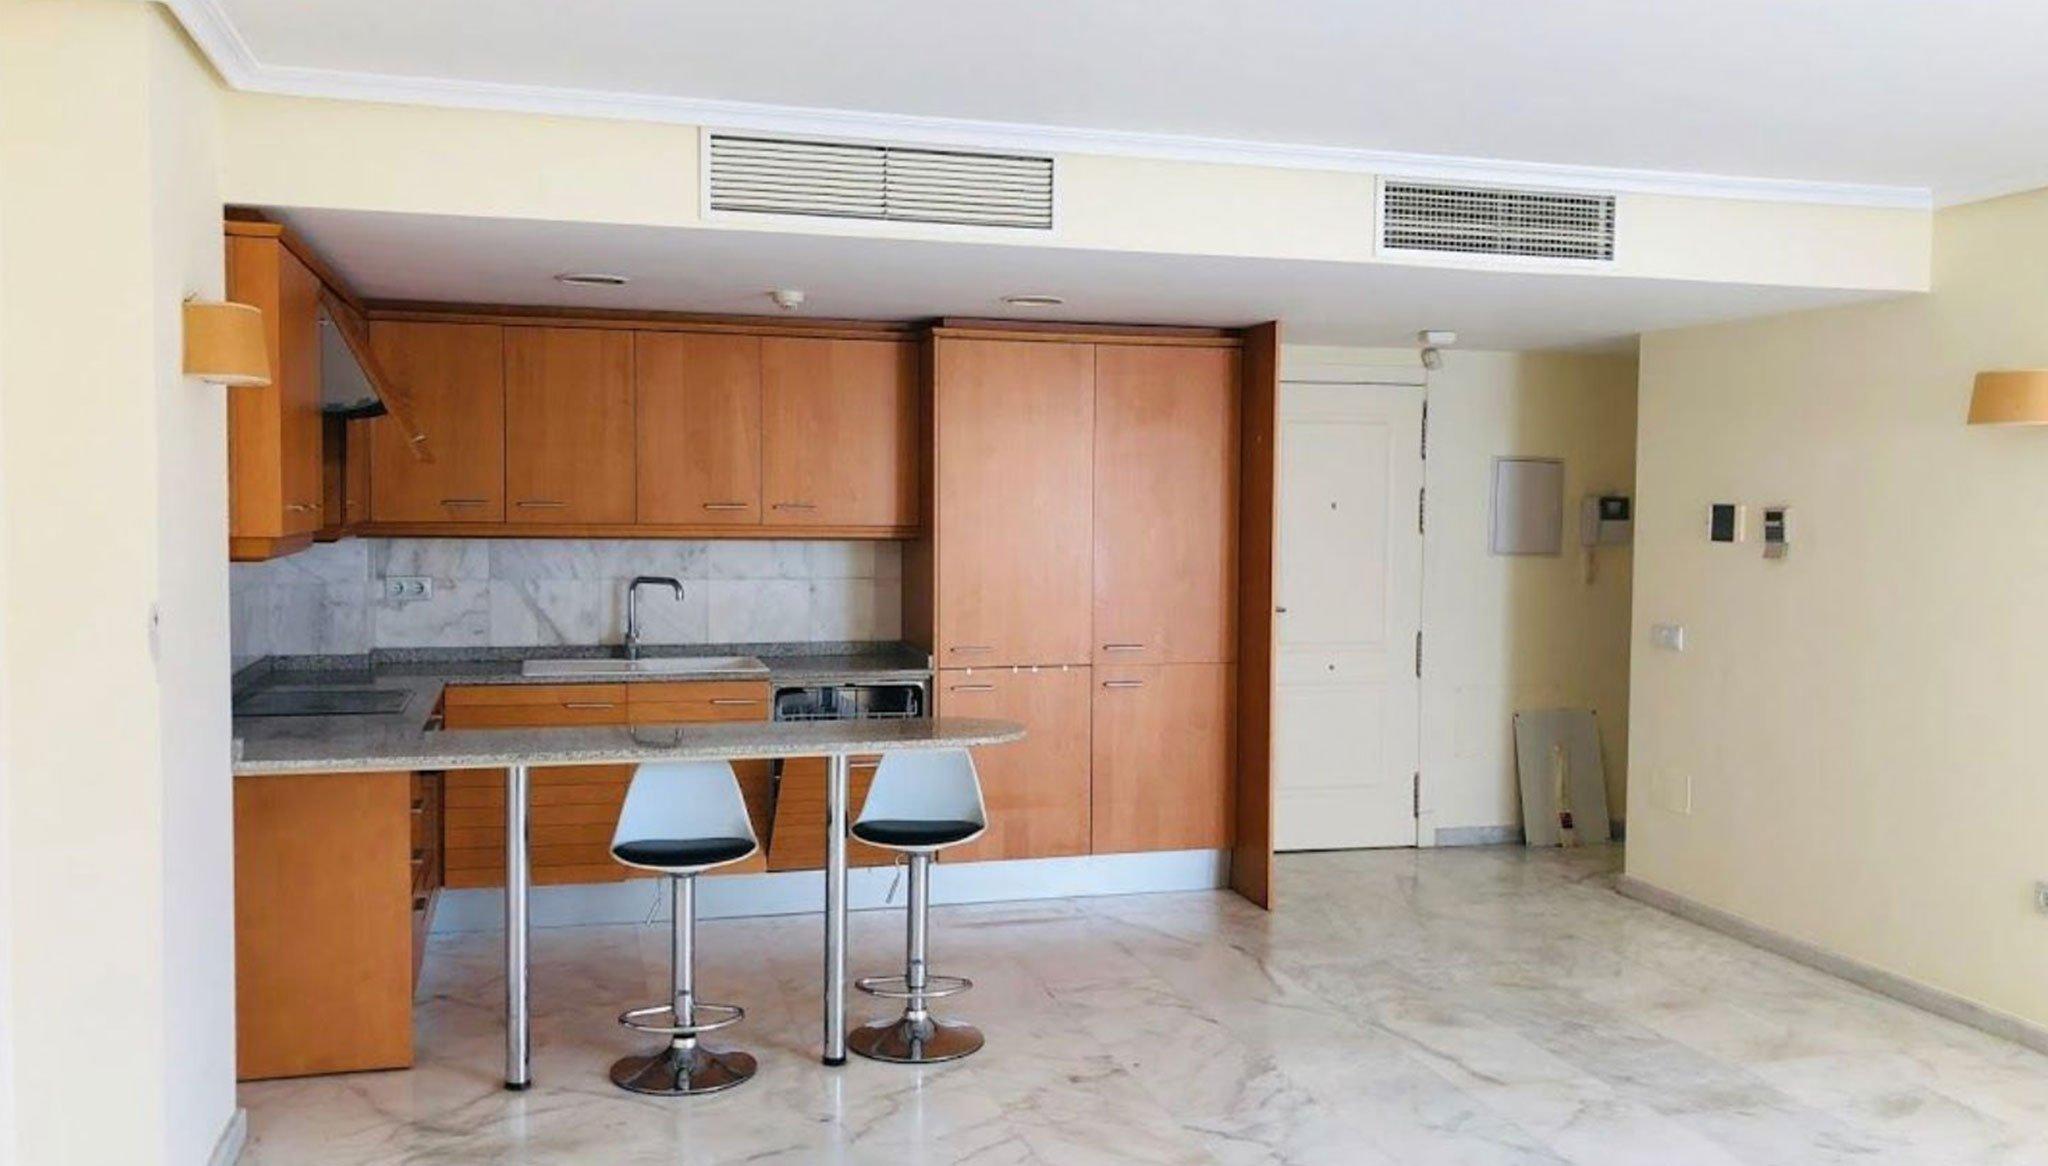 Saló amb cuina en pis de tres dormitoris a Moraira - Mare Nostrum Immobiliària